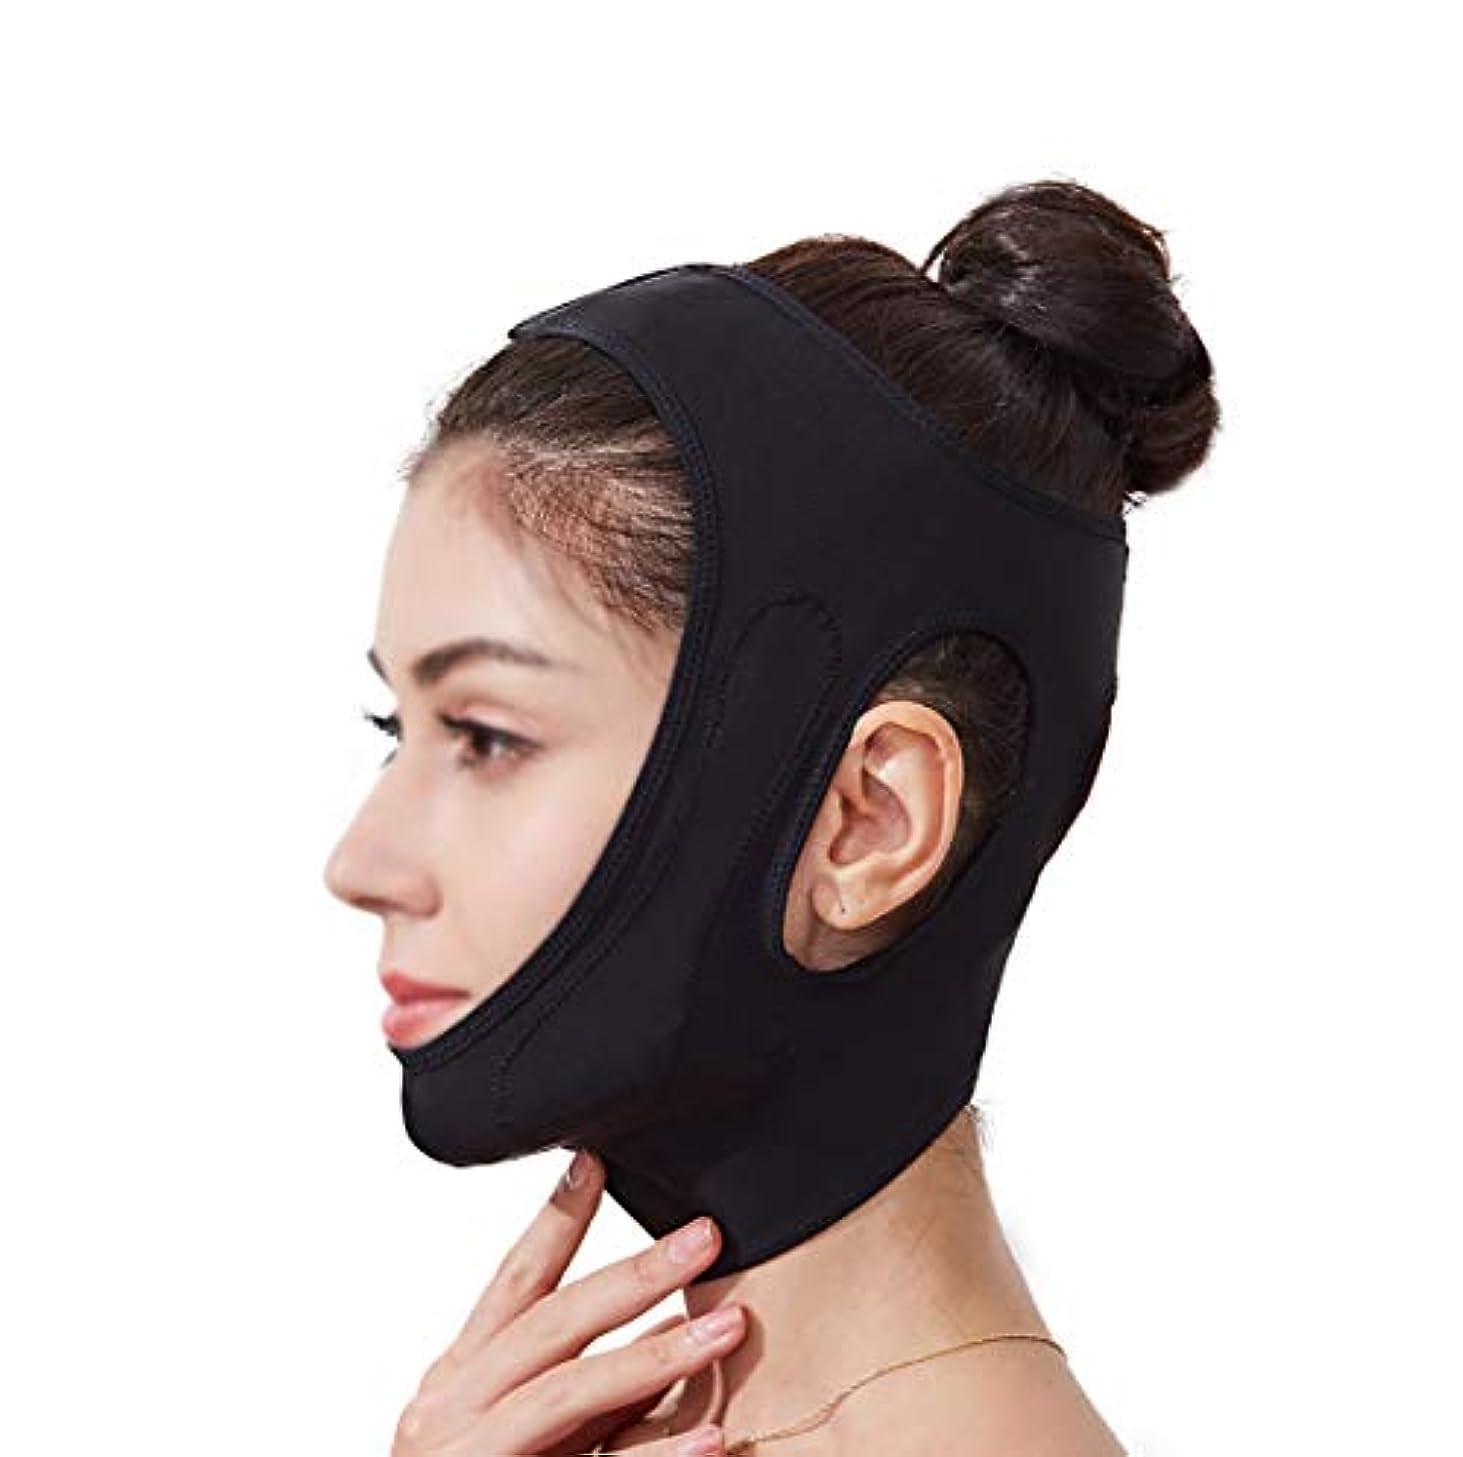 不定嫌い受粉者フェイスリフティング包帯vフェイスマスクフェイスリフティングあご快適な顔引き締めフェイシャルマッサージワンサイズ (Color : Black)